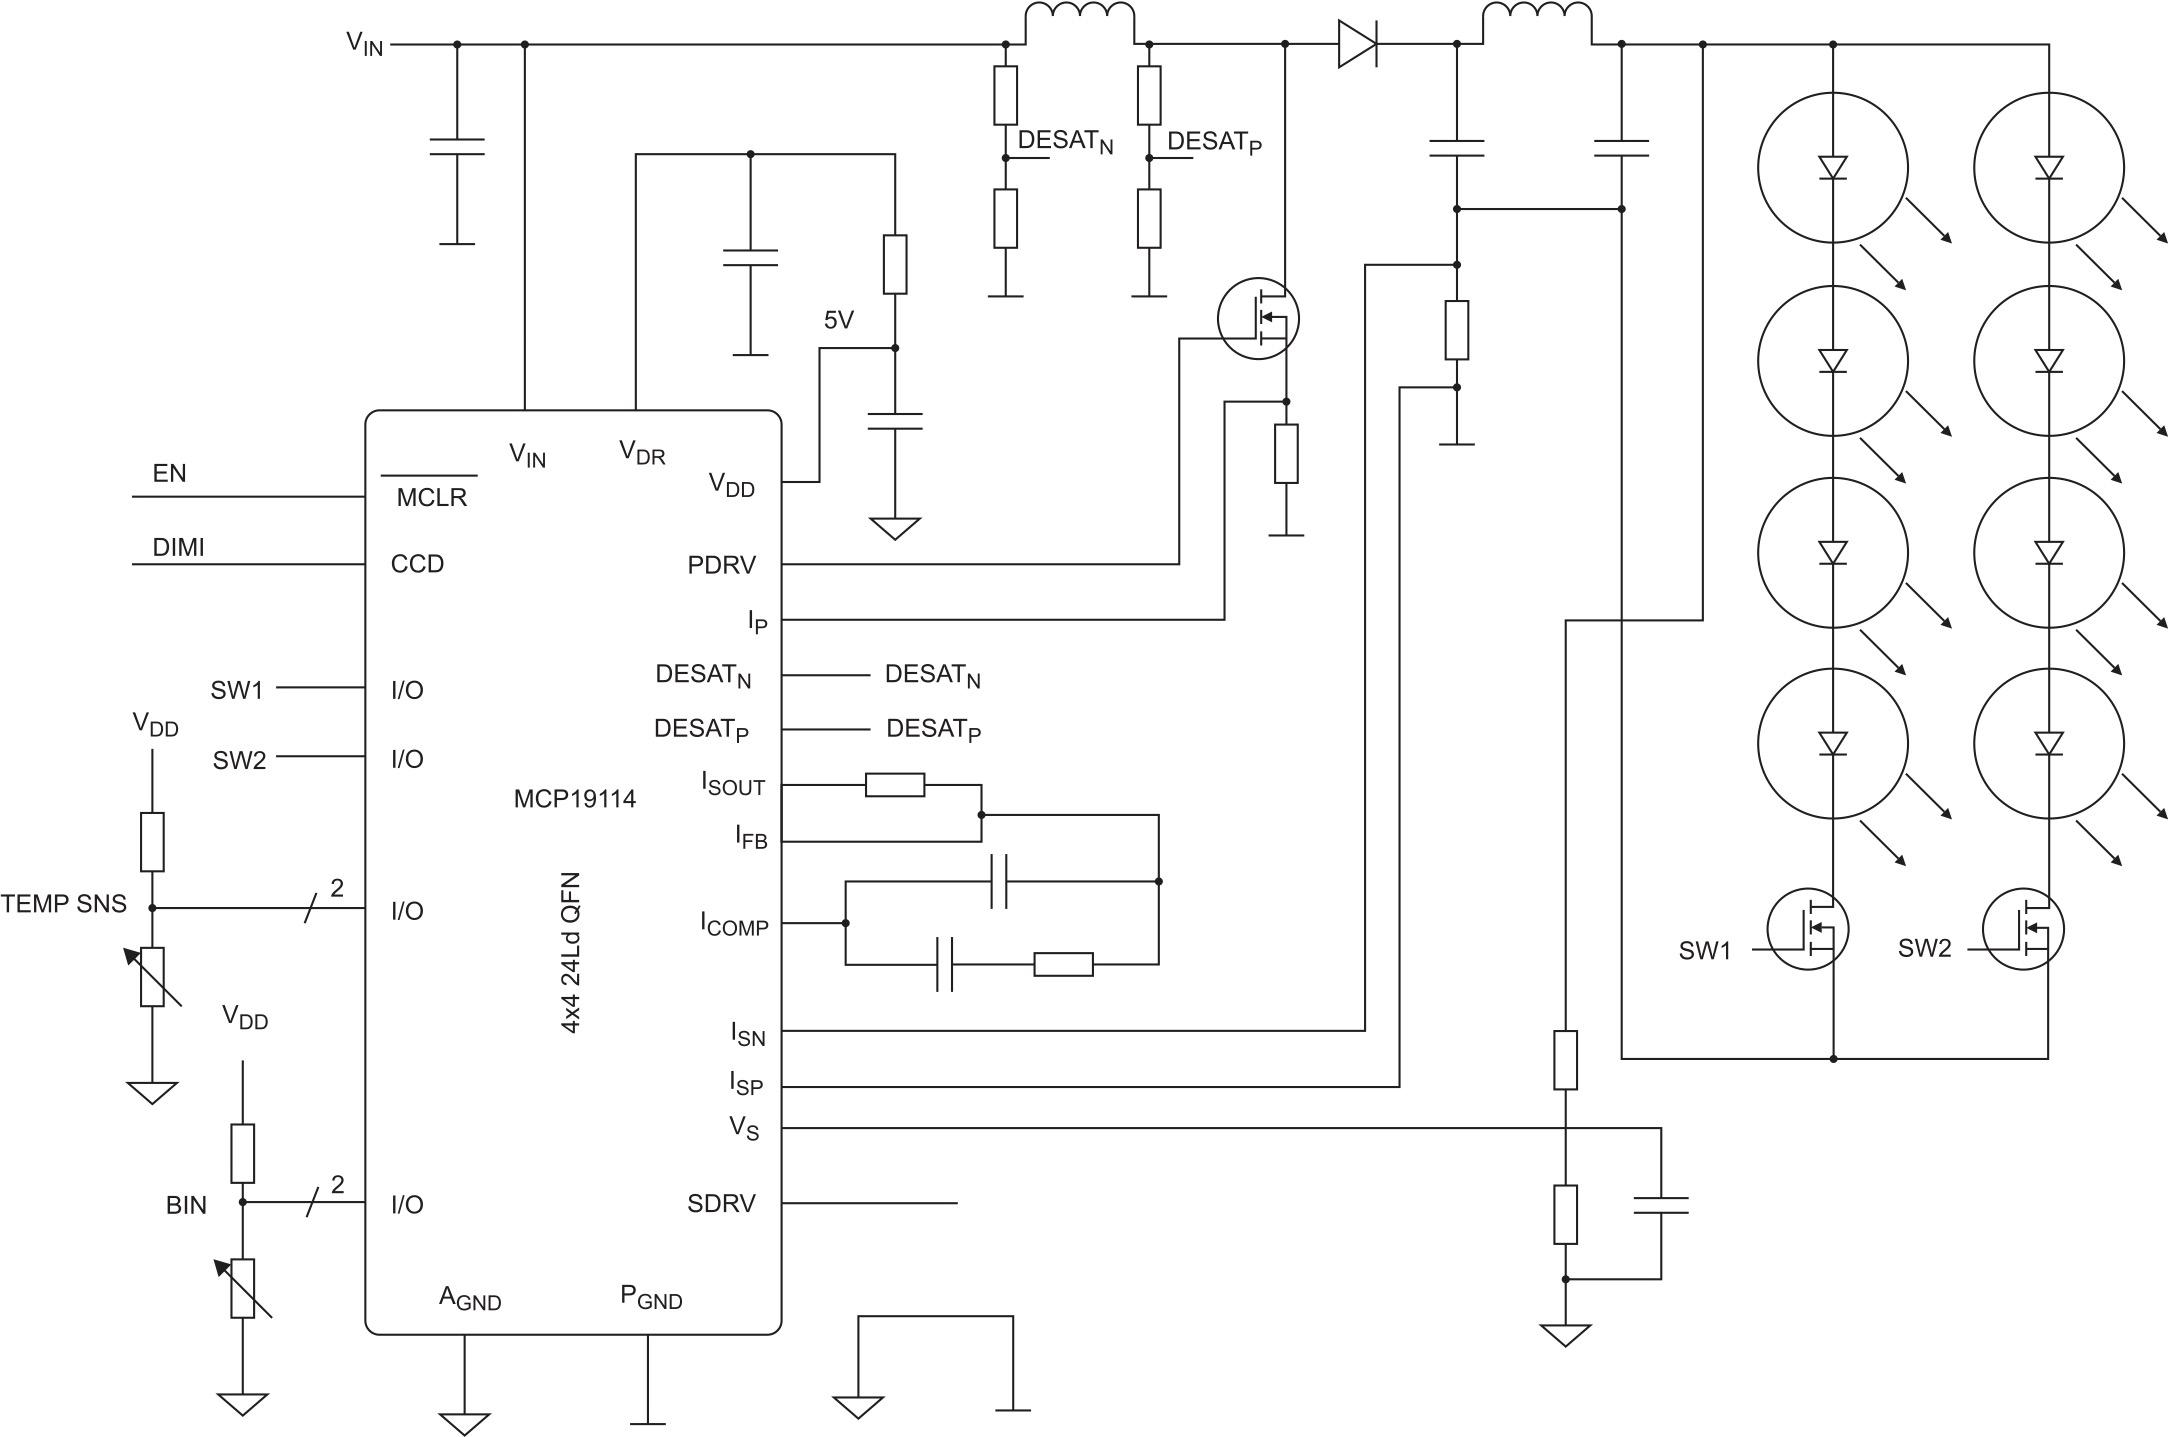 Упрощенная схема повышающего квазирезонансного преобразователя на базе контроллера МСР19114